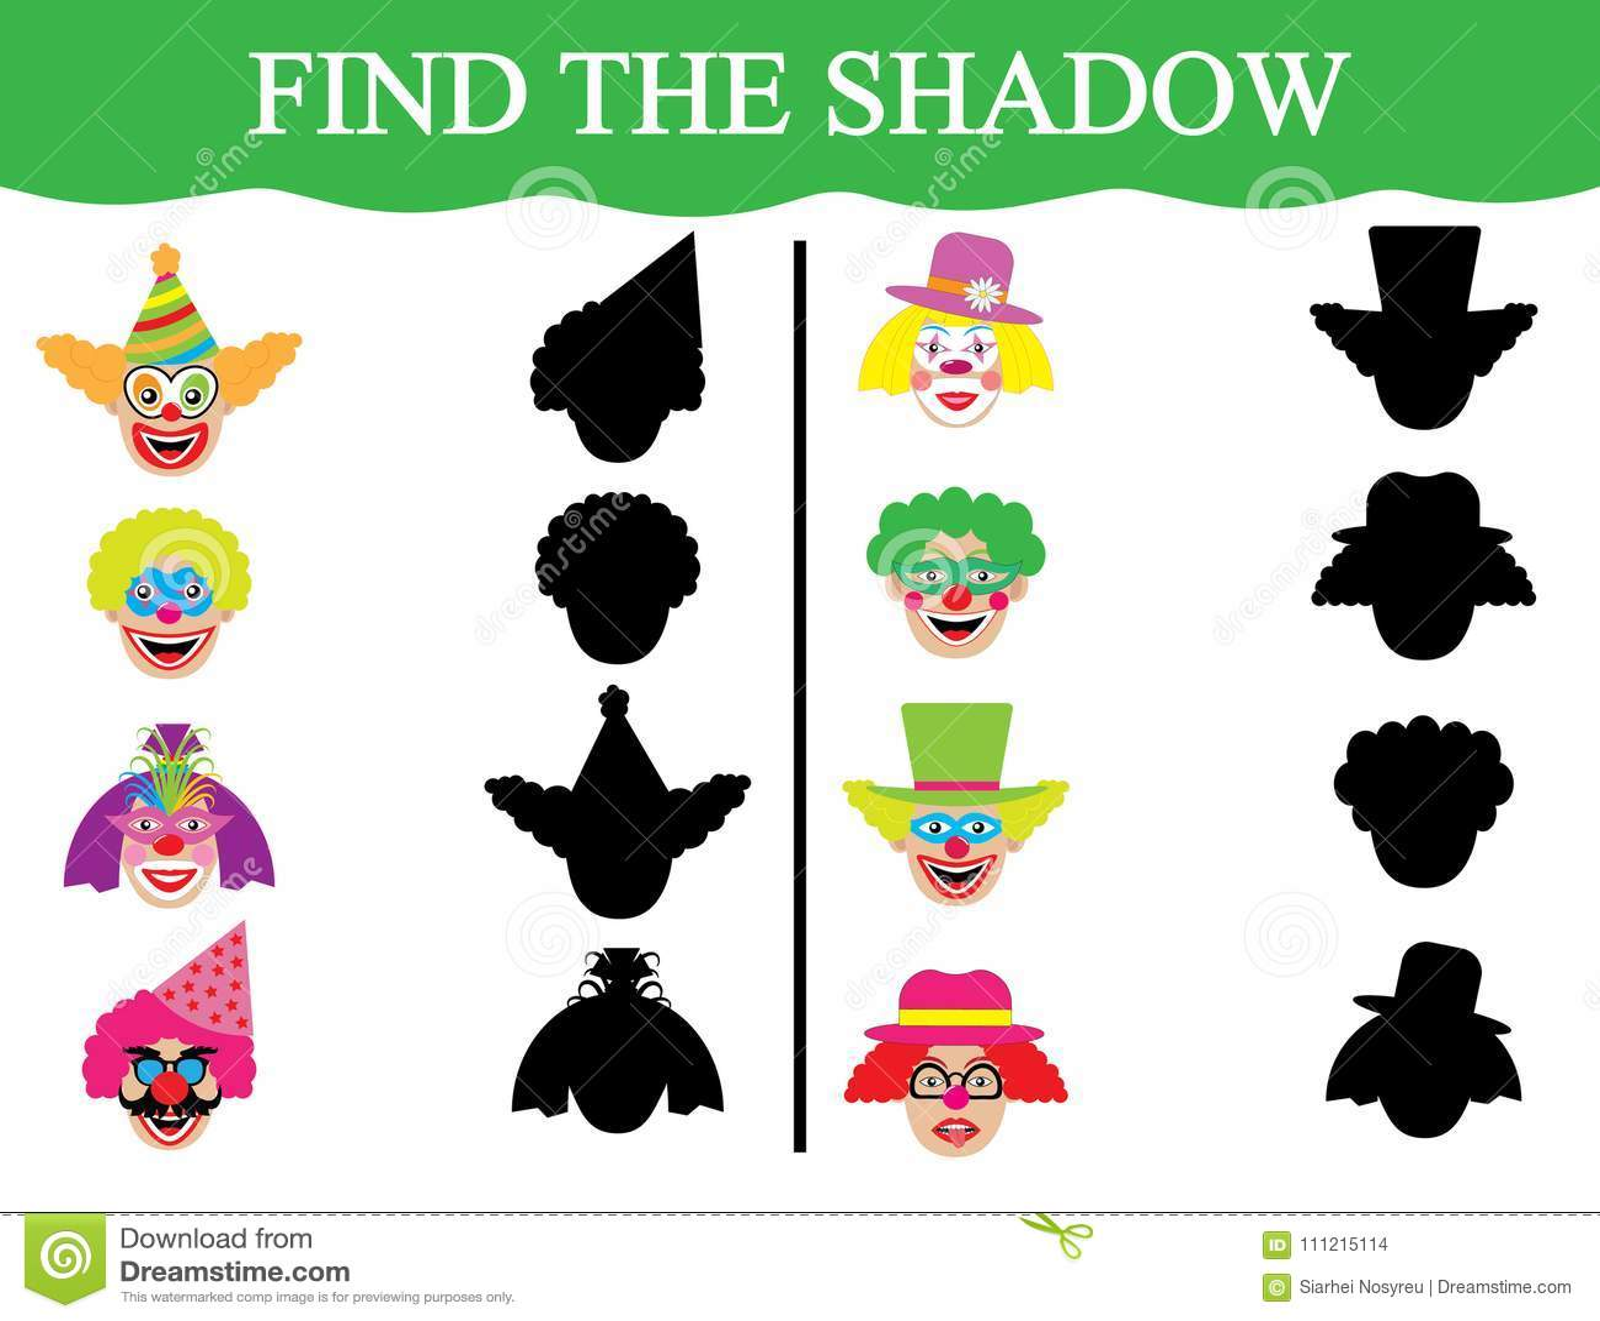 Lernspiel für Kinder Entwicklung der Aufmerksamkeit Finden Sie die Schatten von clown's Gesichtern